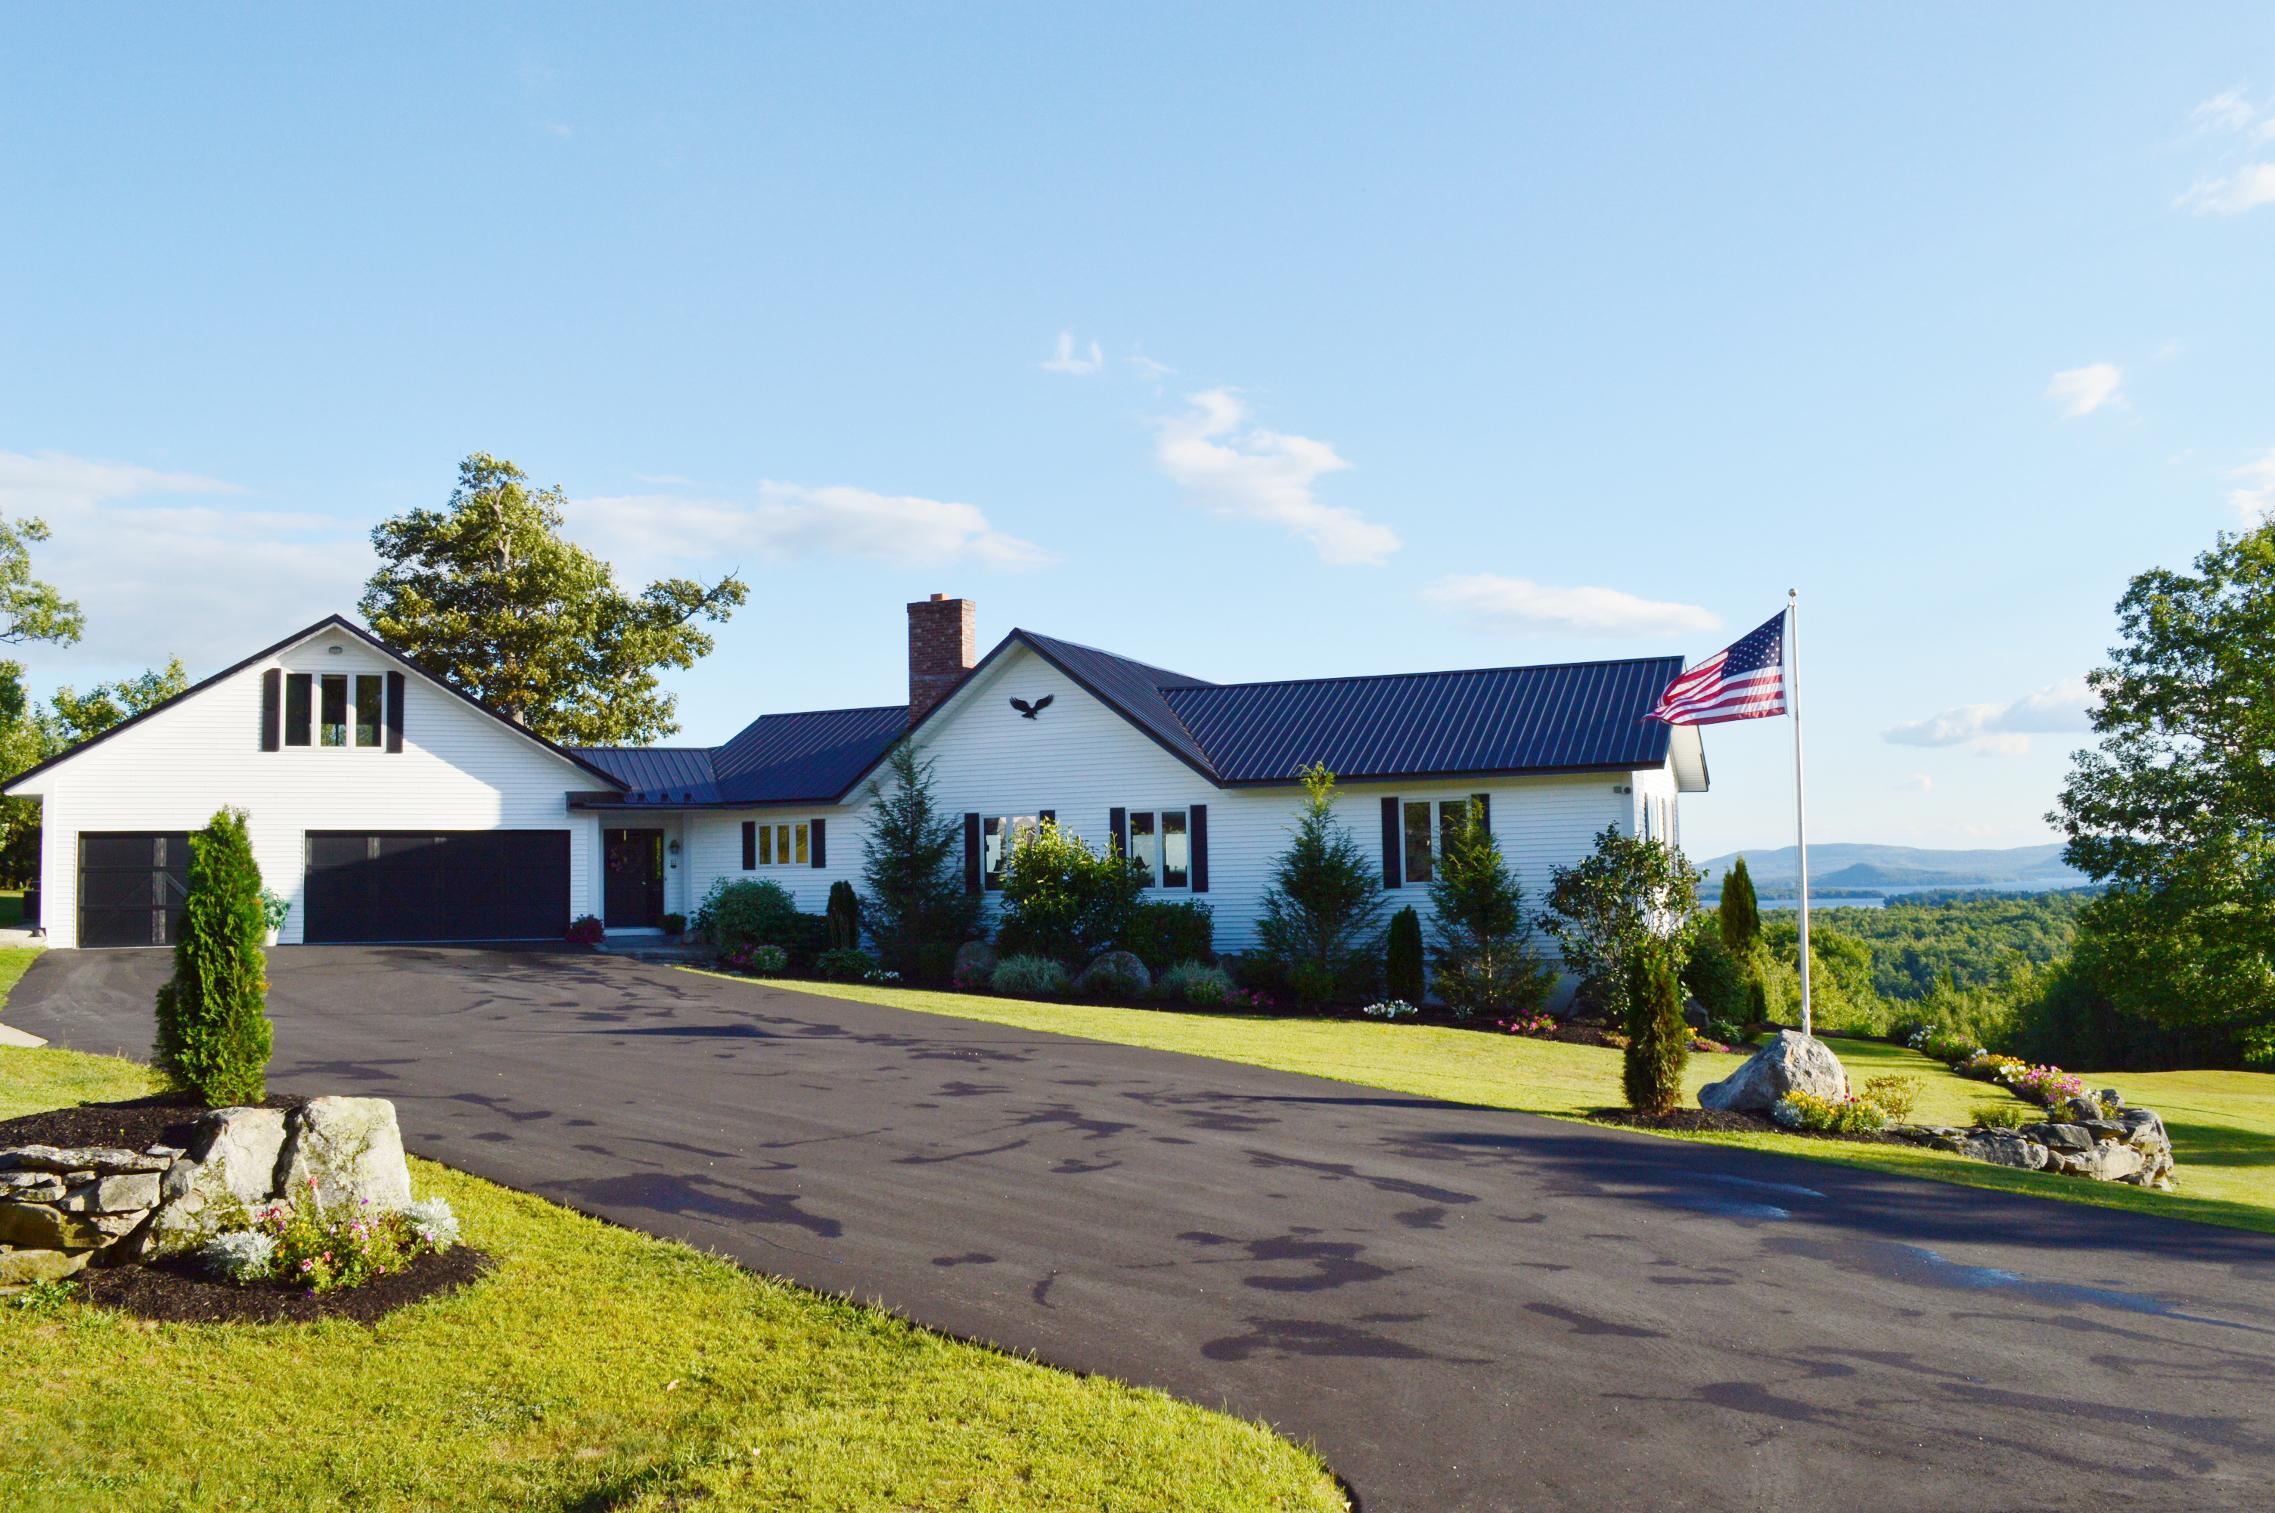 Maison unifamiliale pour l Vente à 61 Furber Lane, Wolfeboro 61 Furber Ln Wolfeboro, New Hampshire, 03894 États-Unis